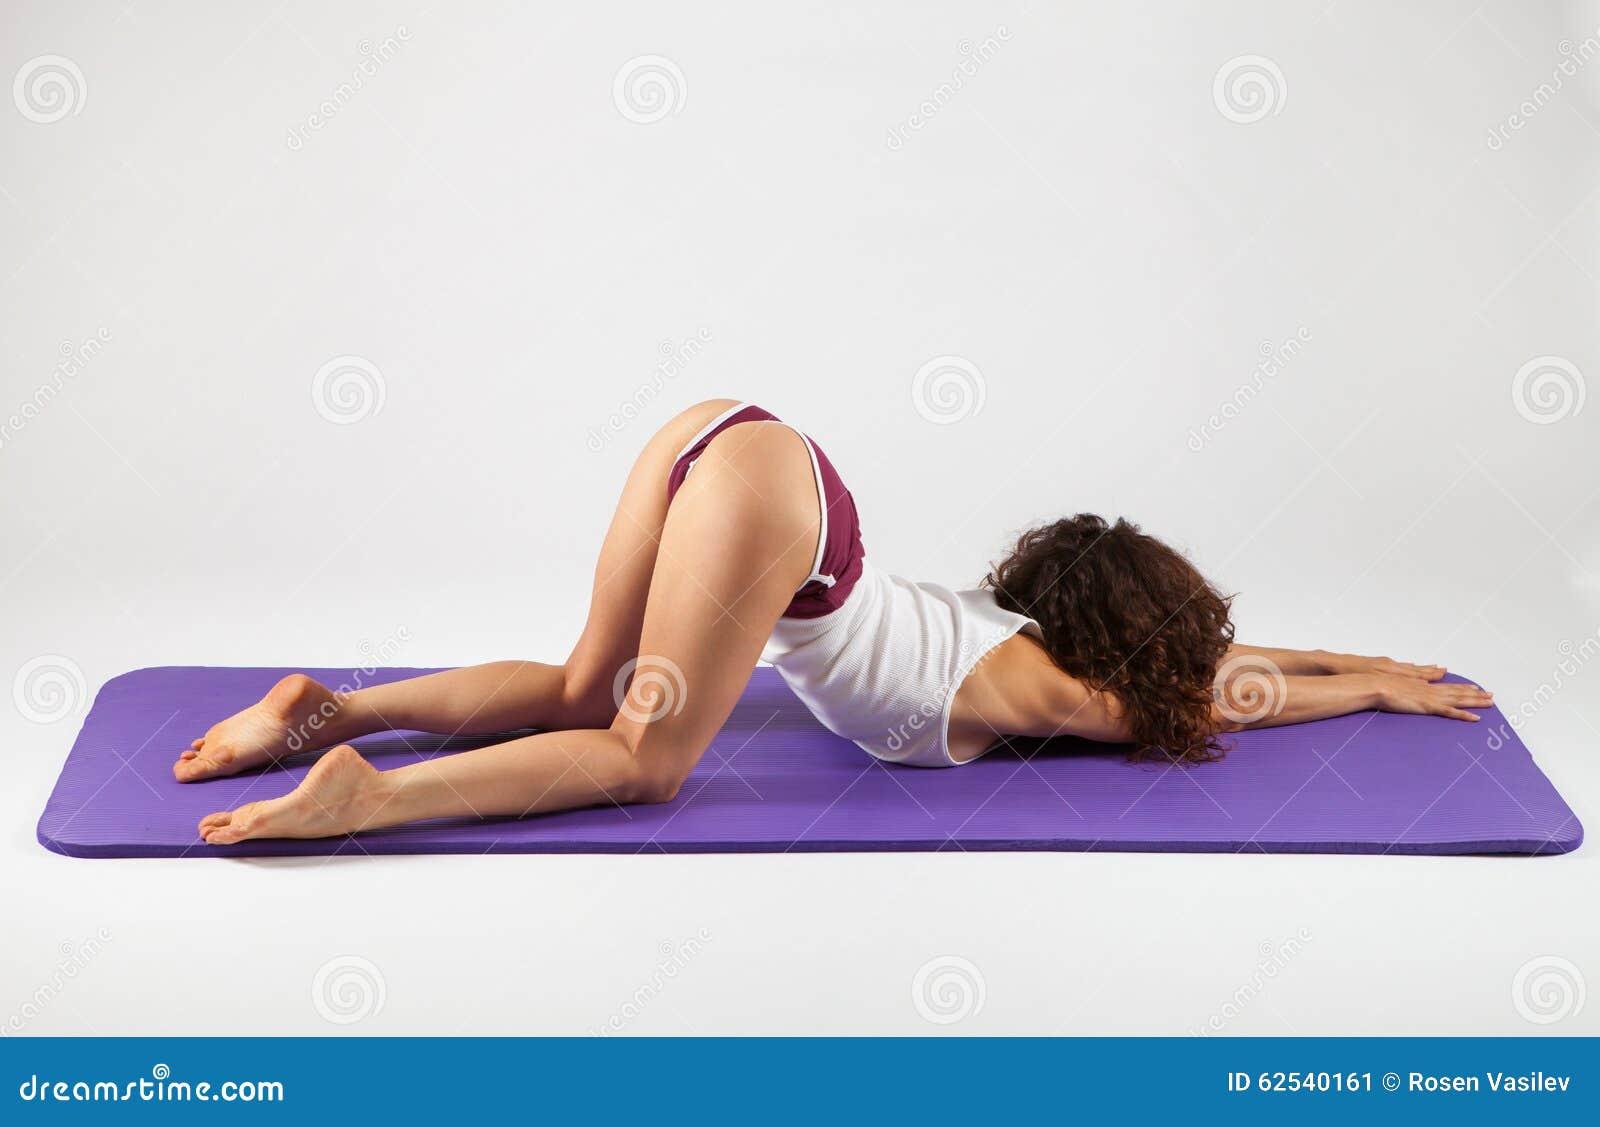 Erotic Yoga Videos